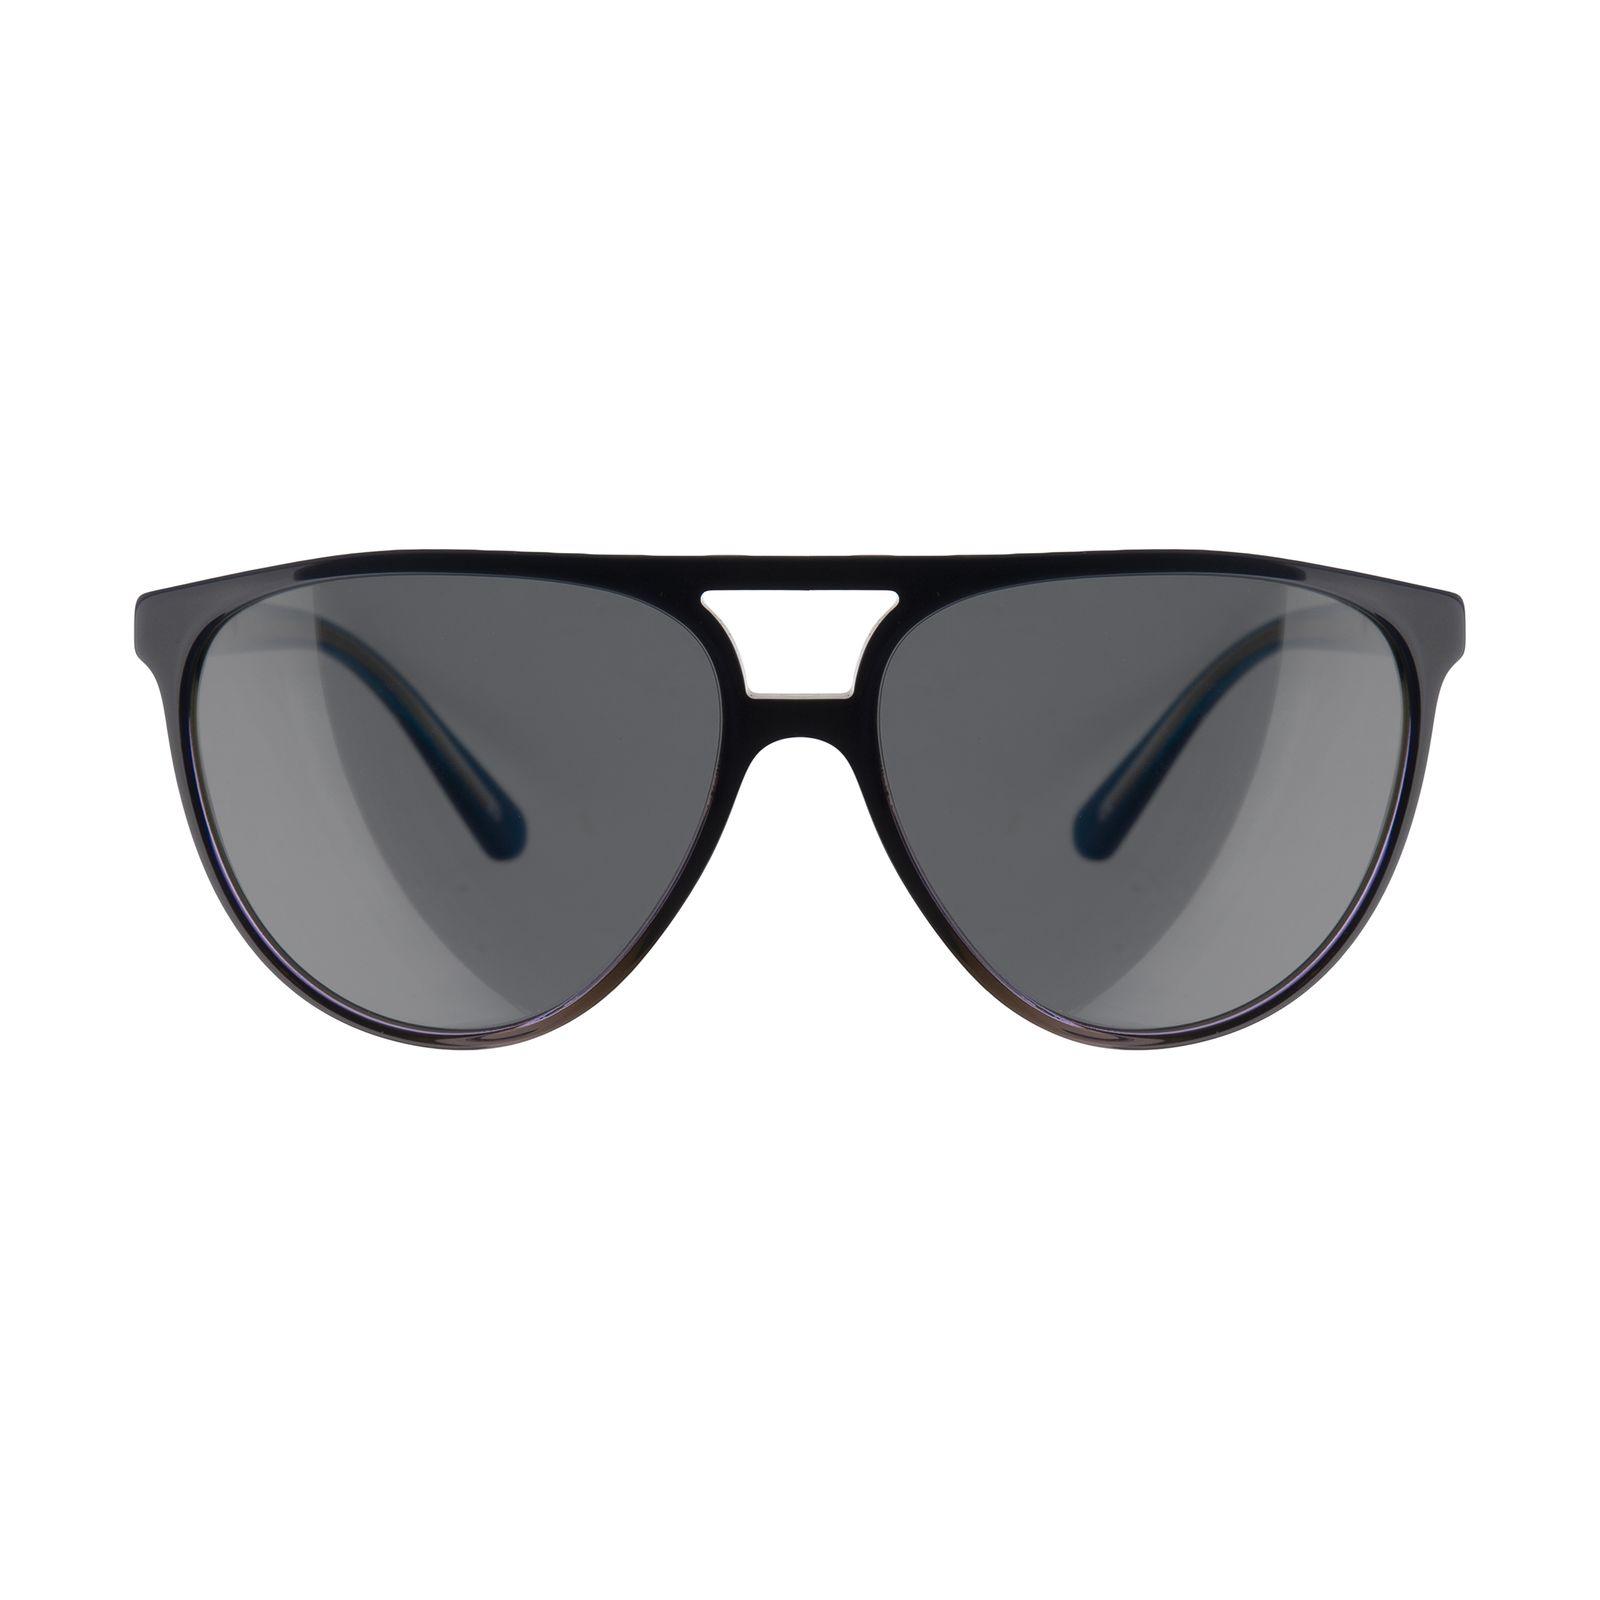 عینک آفتابی زنانه بربری مدل BE 4254S 366287 58 -  - 2